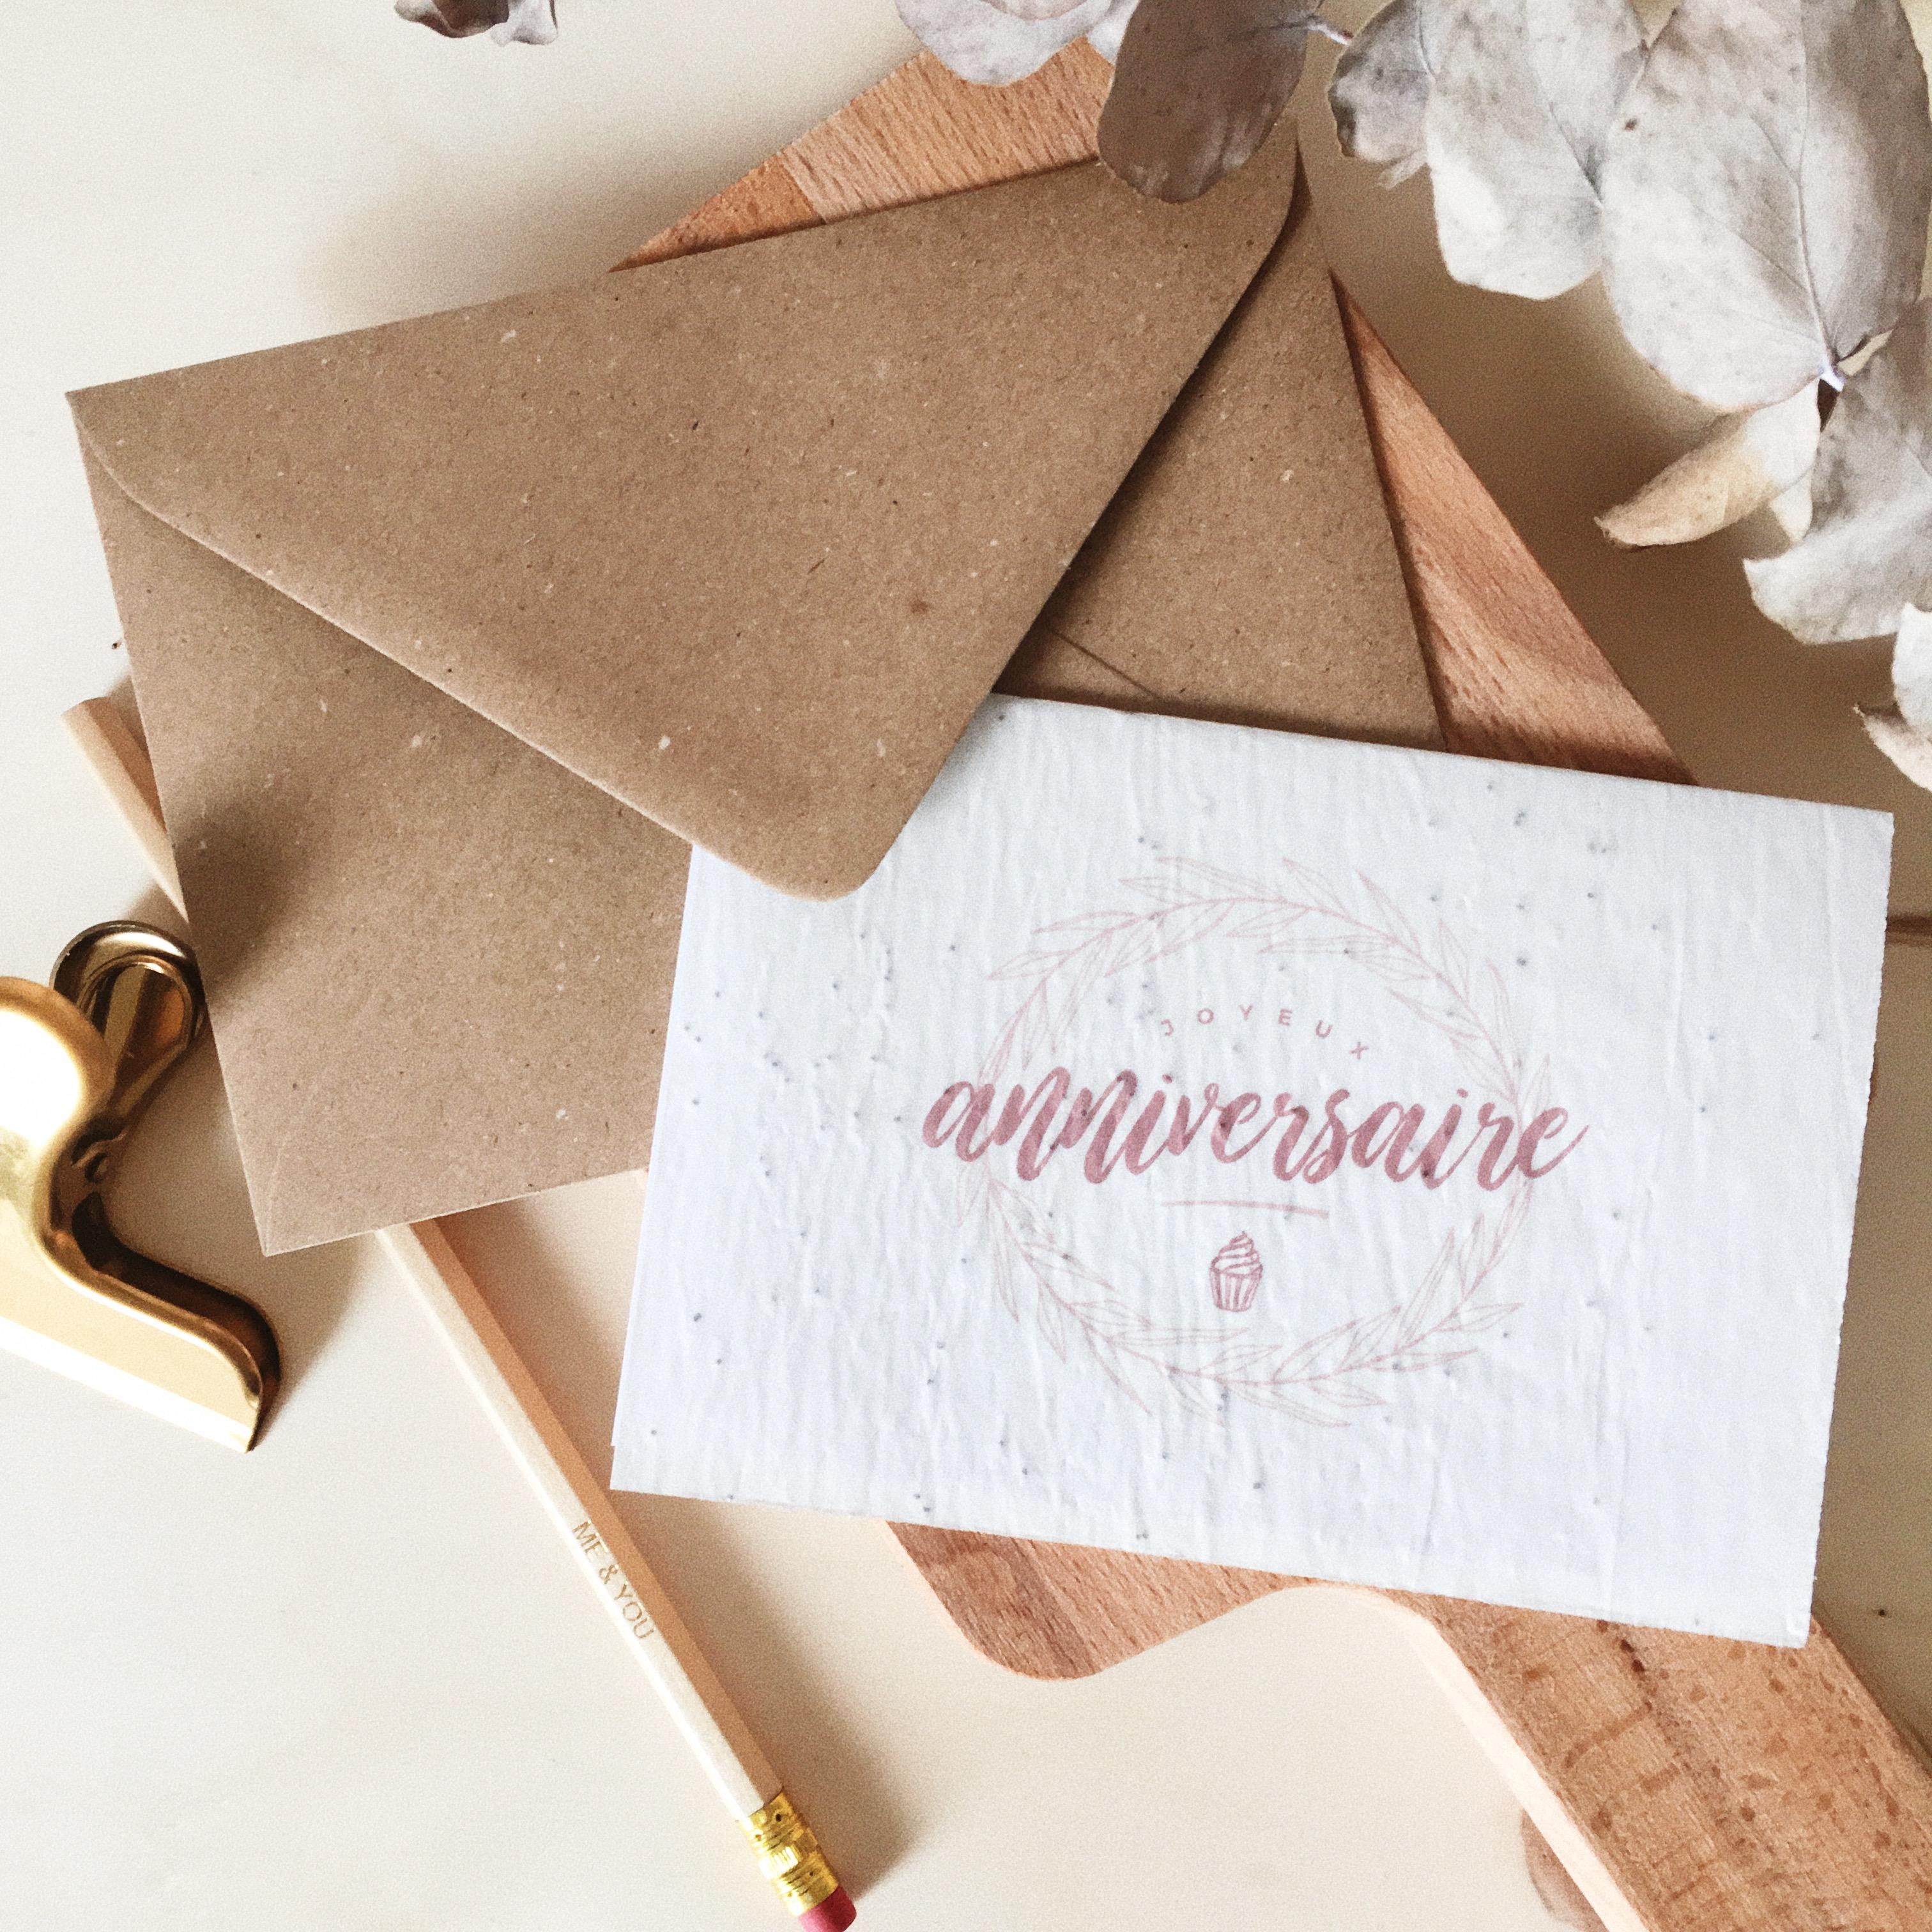 Carte Anniversaire Papier.Carte Joyeux Anniversaire Papier Ensemence